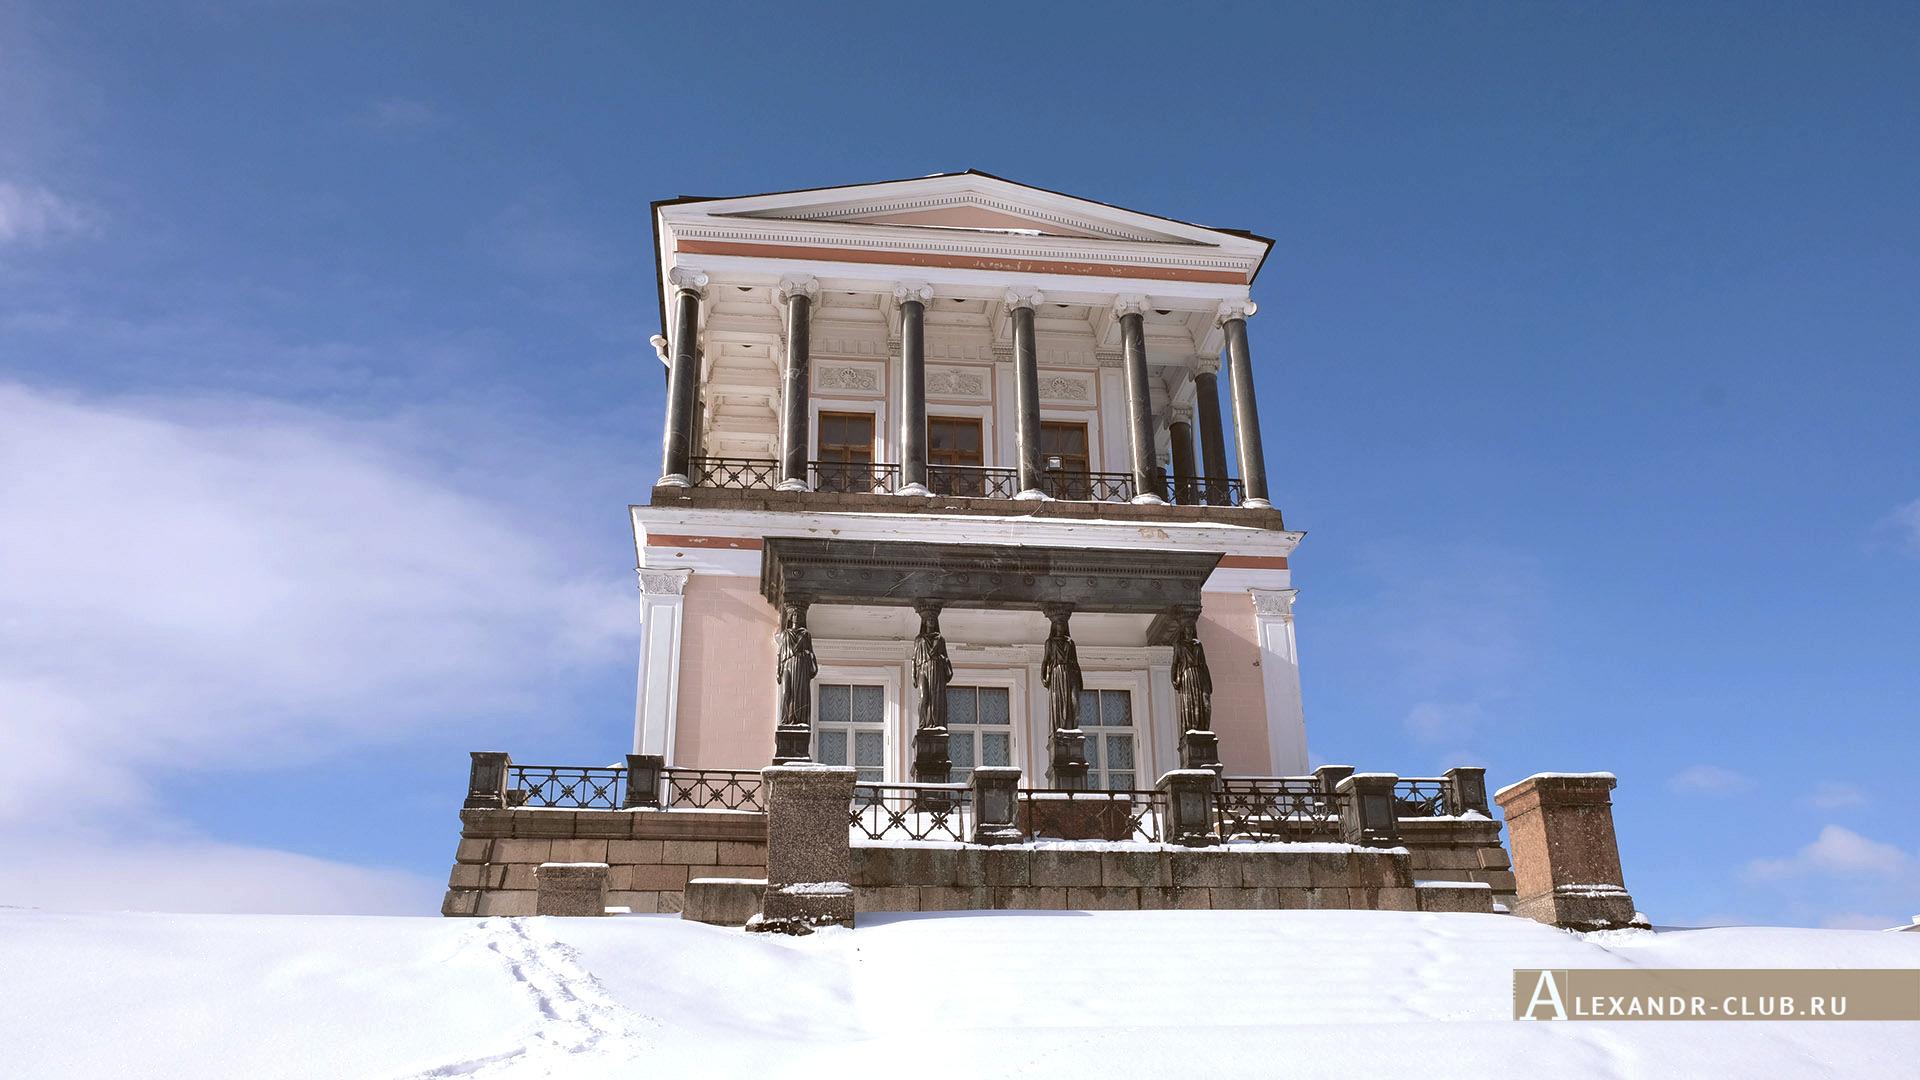 Петергоф, Луговой парк, зима, дворец Бельведер – 3